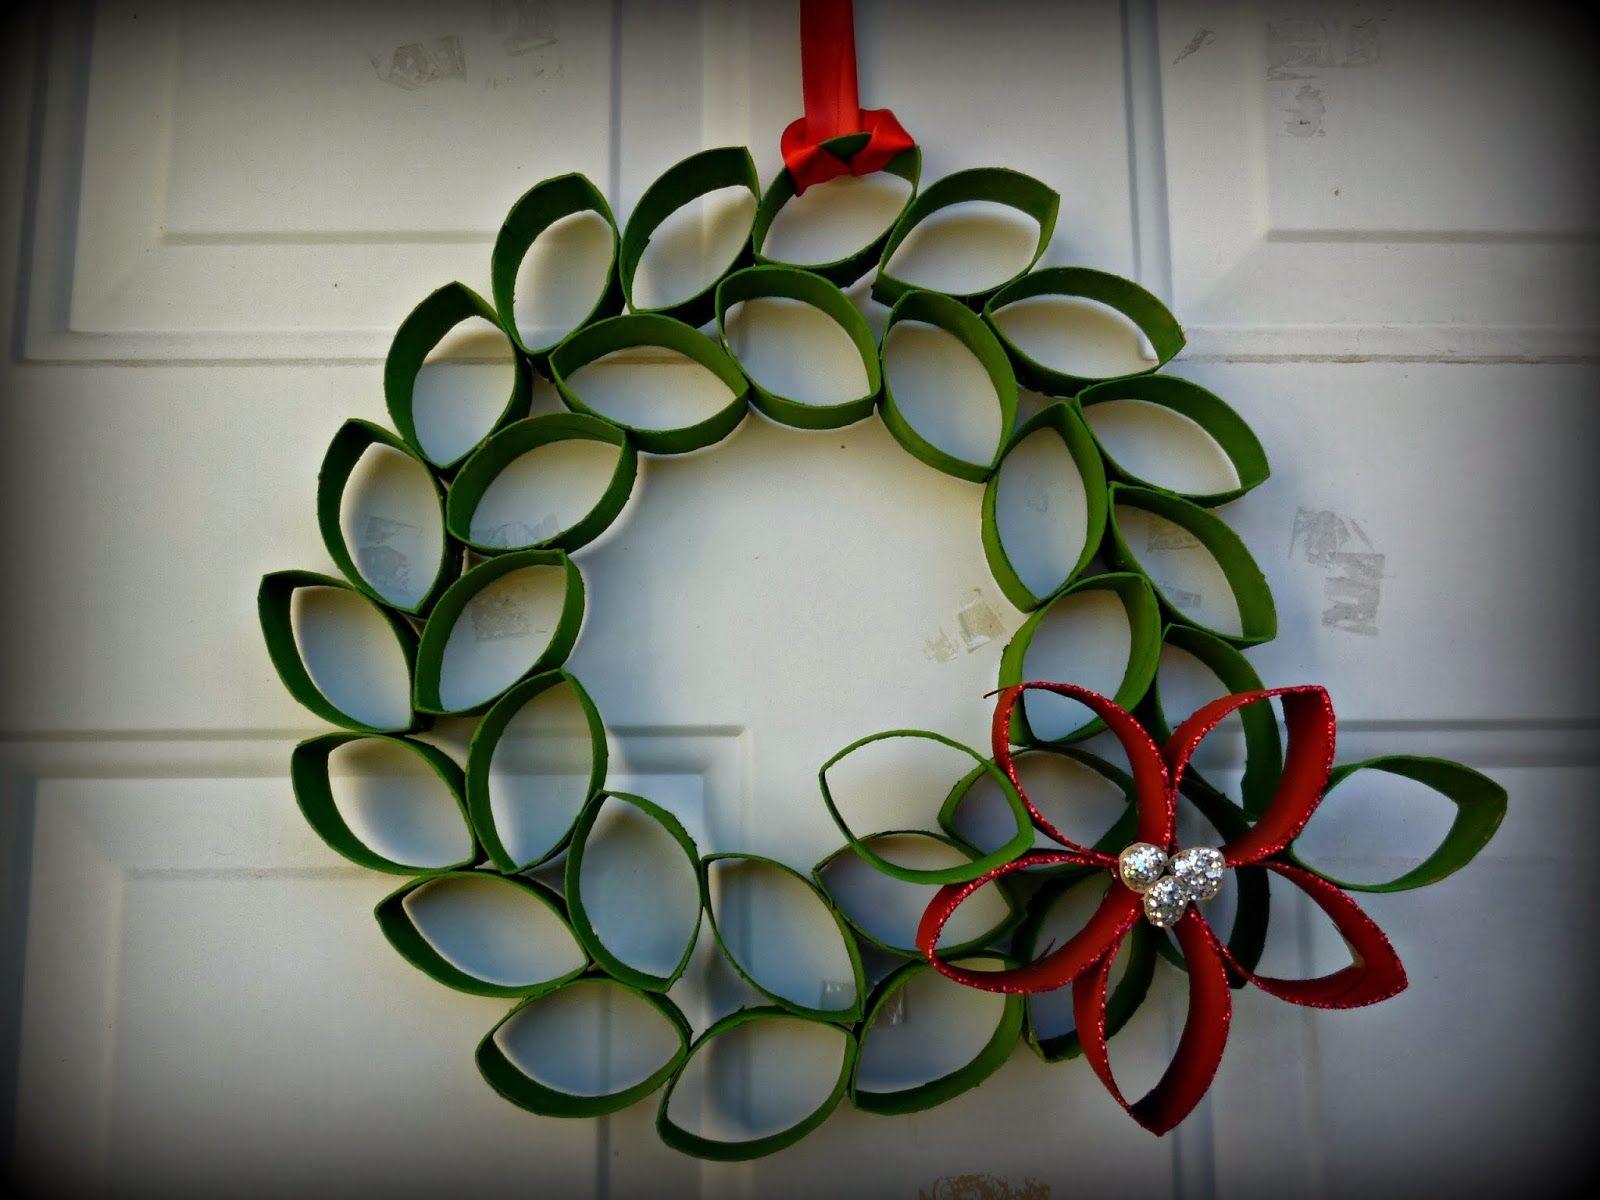 De todo y nada corona de navidad con rollos de papel diy - Adornos navidad con papel ...